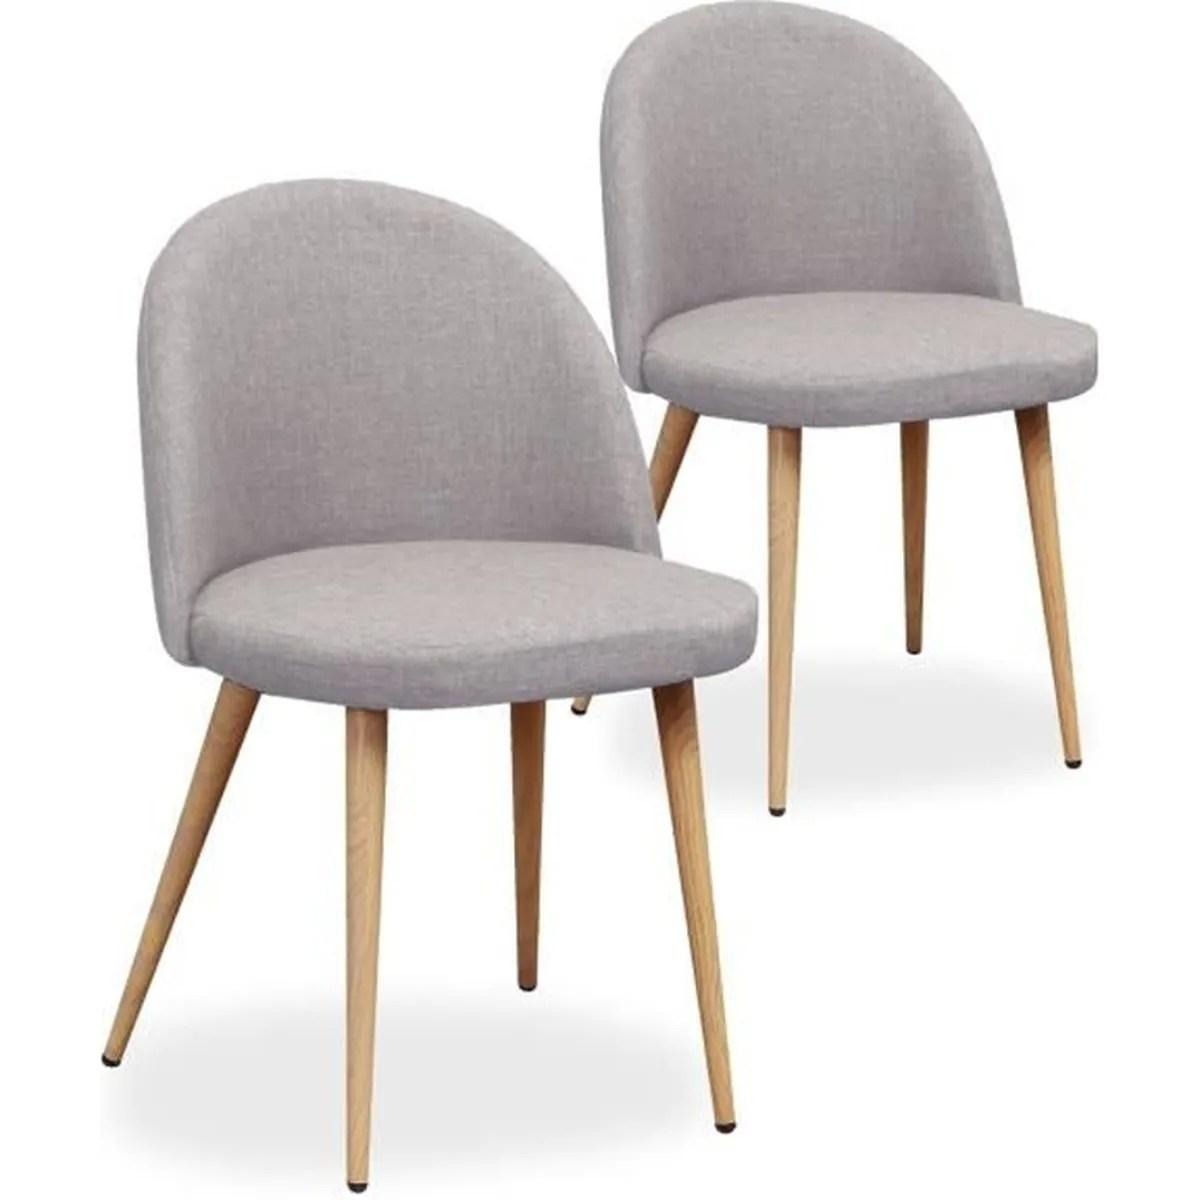 chaise cecilia